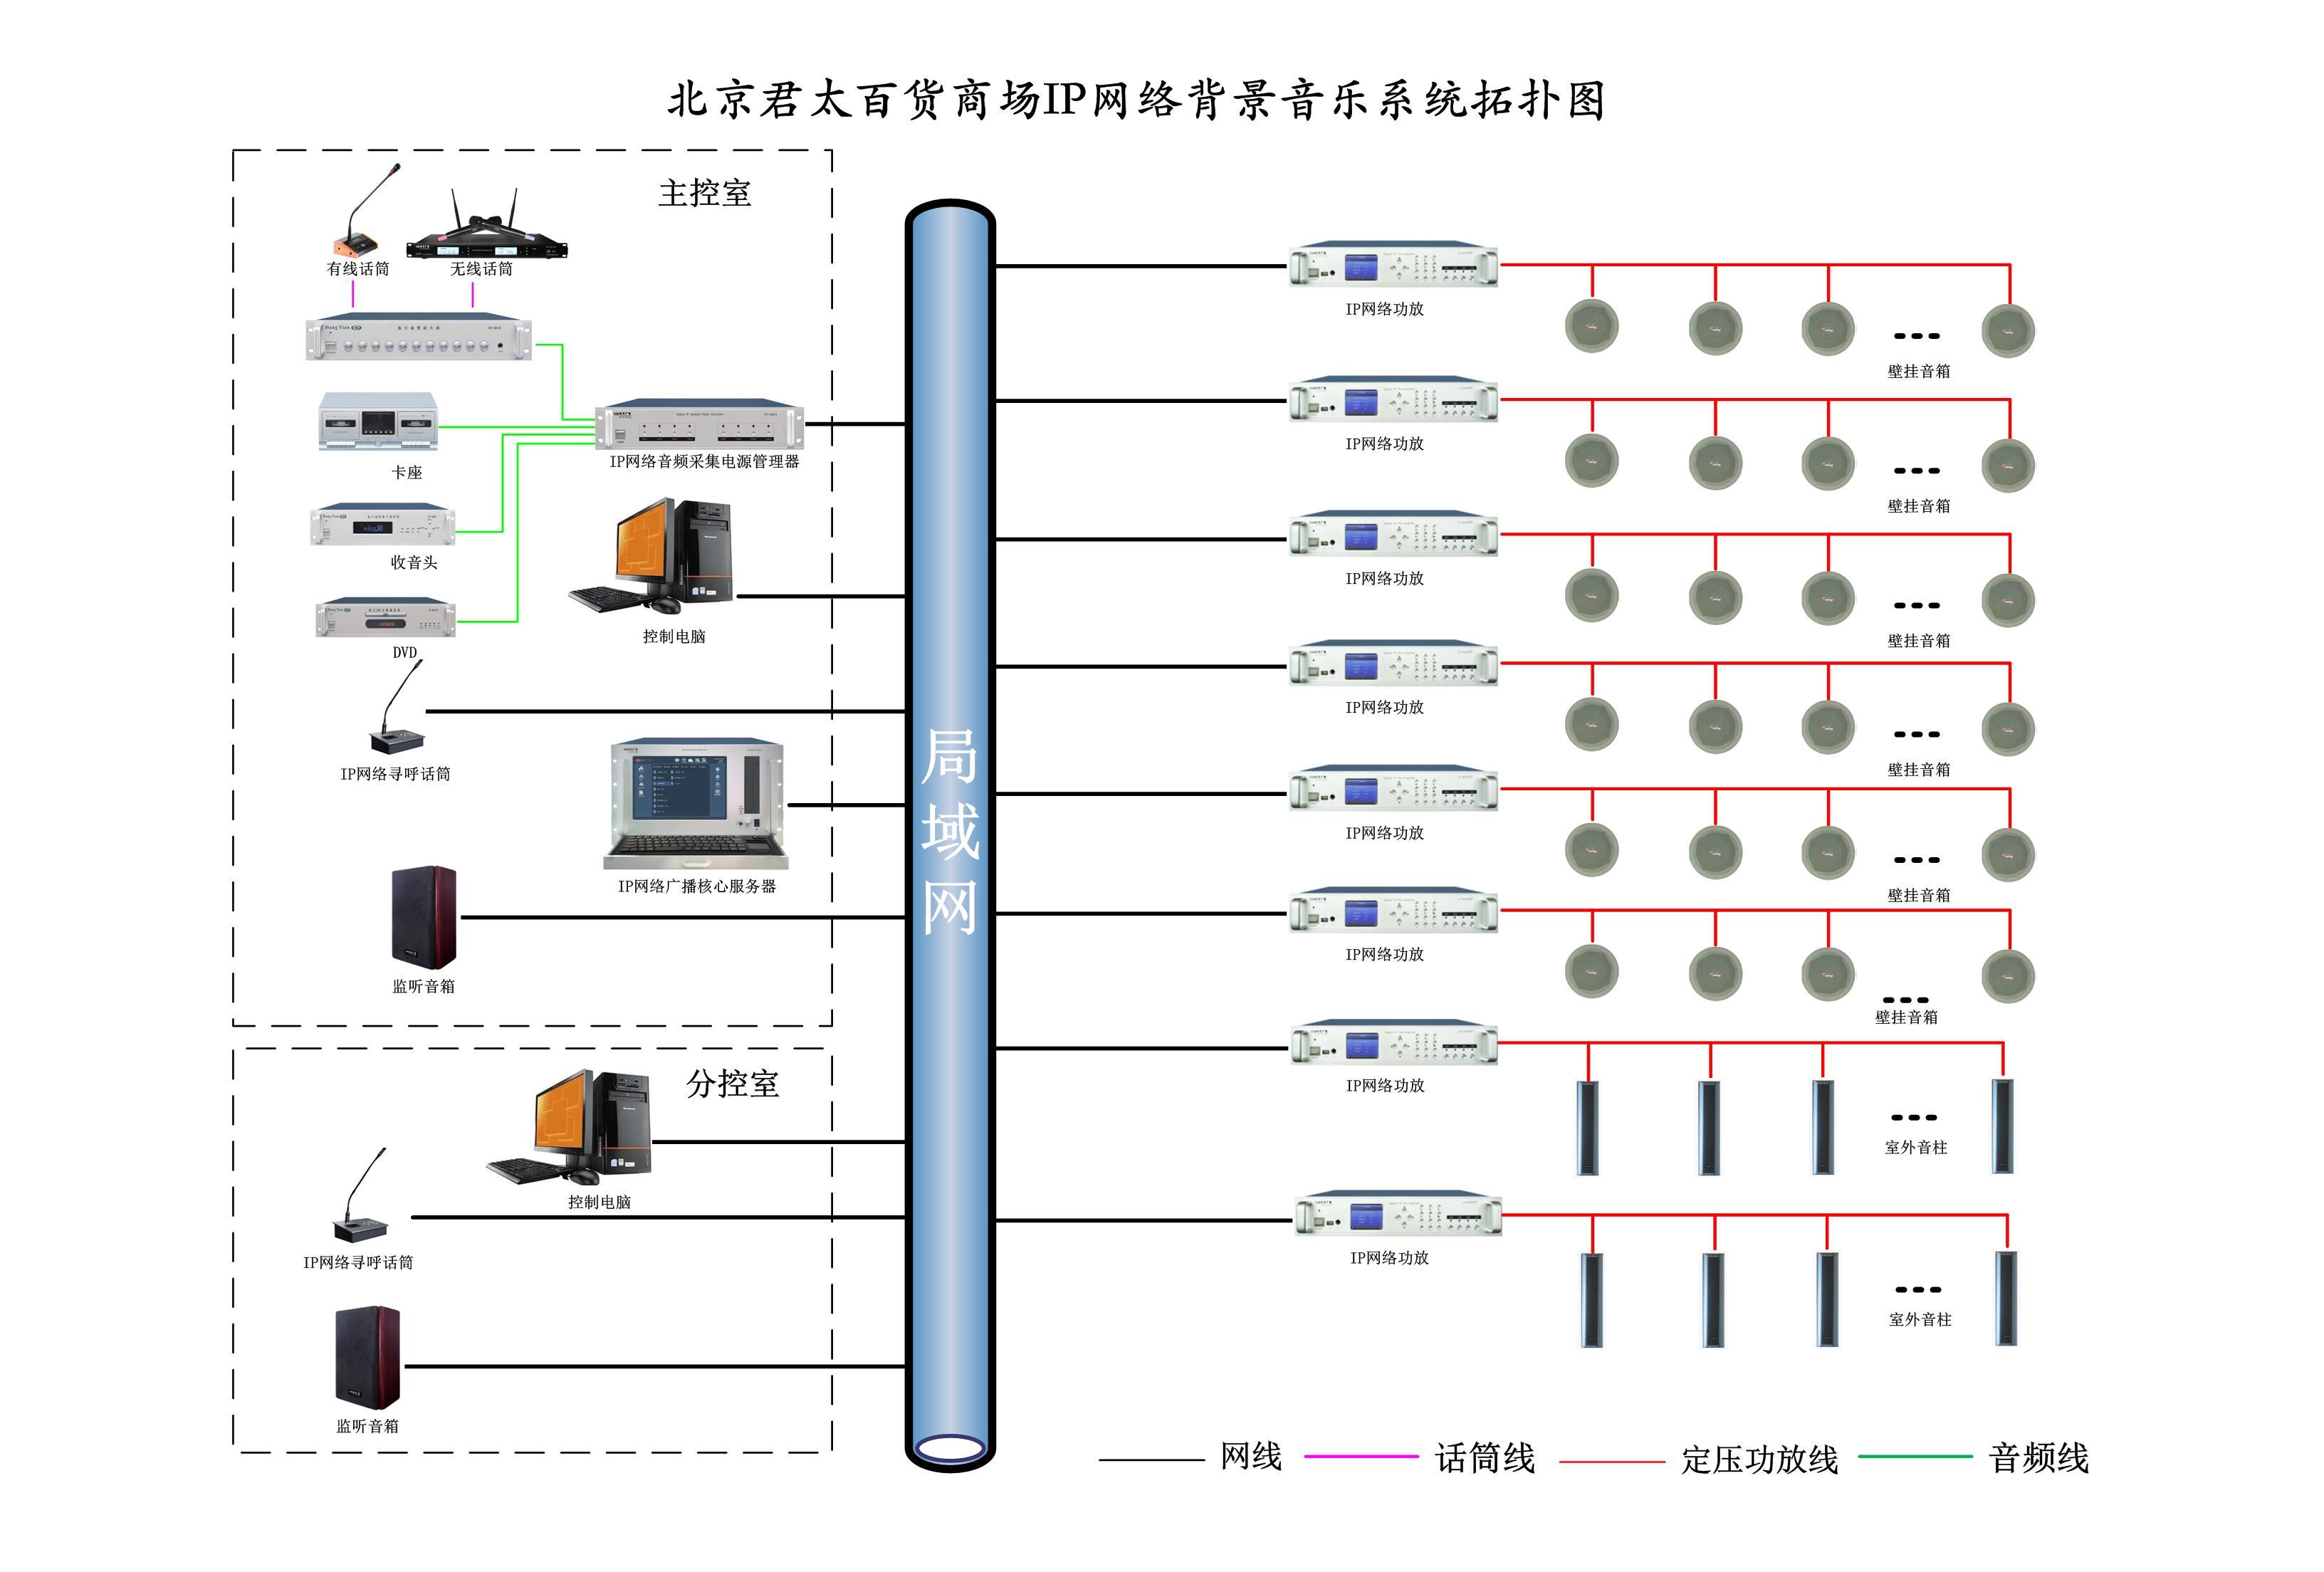 北京君太百货于2003年12月开业,目前在中国的首都北京是最大面积的百货公司。北京君太百货从B1到7F共63,000平方米的营业卖场汇集了中外各类流行时尚精品及生活日用品,地下室B2、B3。以新环境、新购物提供消费者最优质的生活空间为理念,配合中国首都北京与国际接轨及持续增长的消费习性,以新形象全力支持2008北京奥运及2010上海世博。为了给客户营造更好的休闲购物环境,在商场里设计一套背景音乐系统,让顾客有一种宾至如归的感觉。具体要求如下: